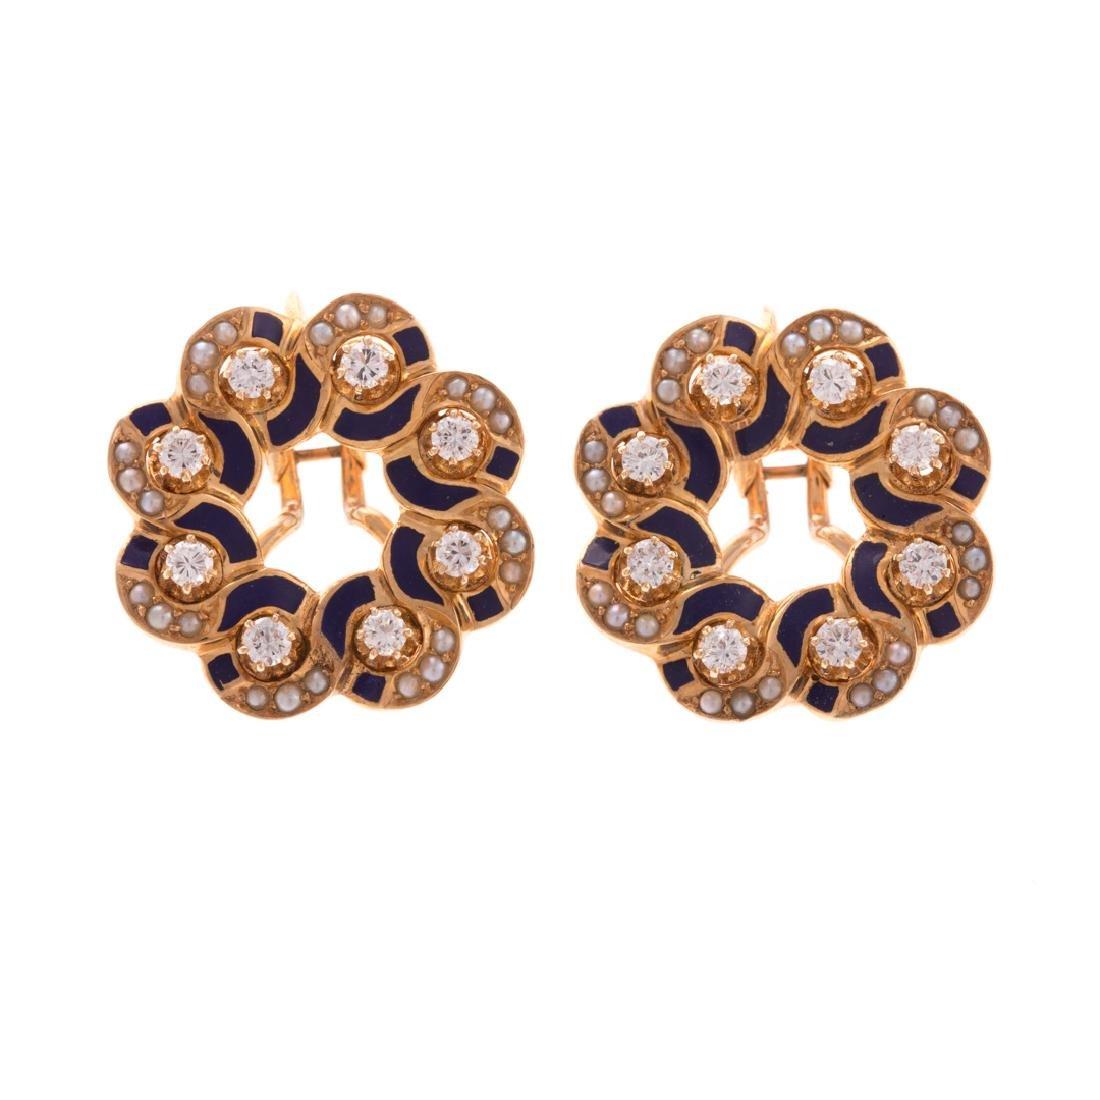 A Pair of Vintage 14K Enamel & Diamond Earrings